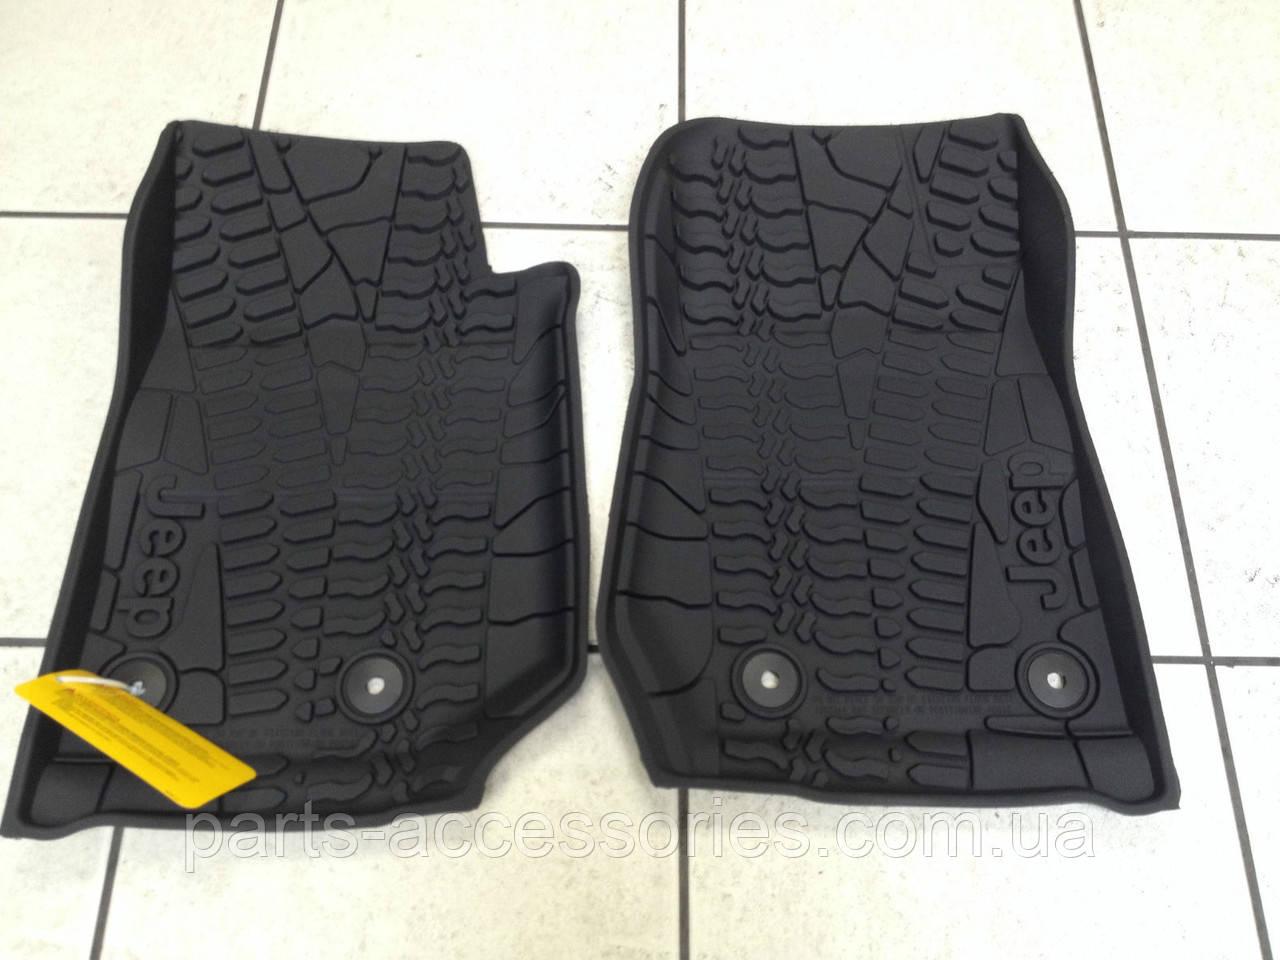 Jeep Wrangler 2014-16 коврики резиновые новые оригинальные